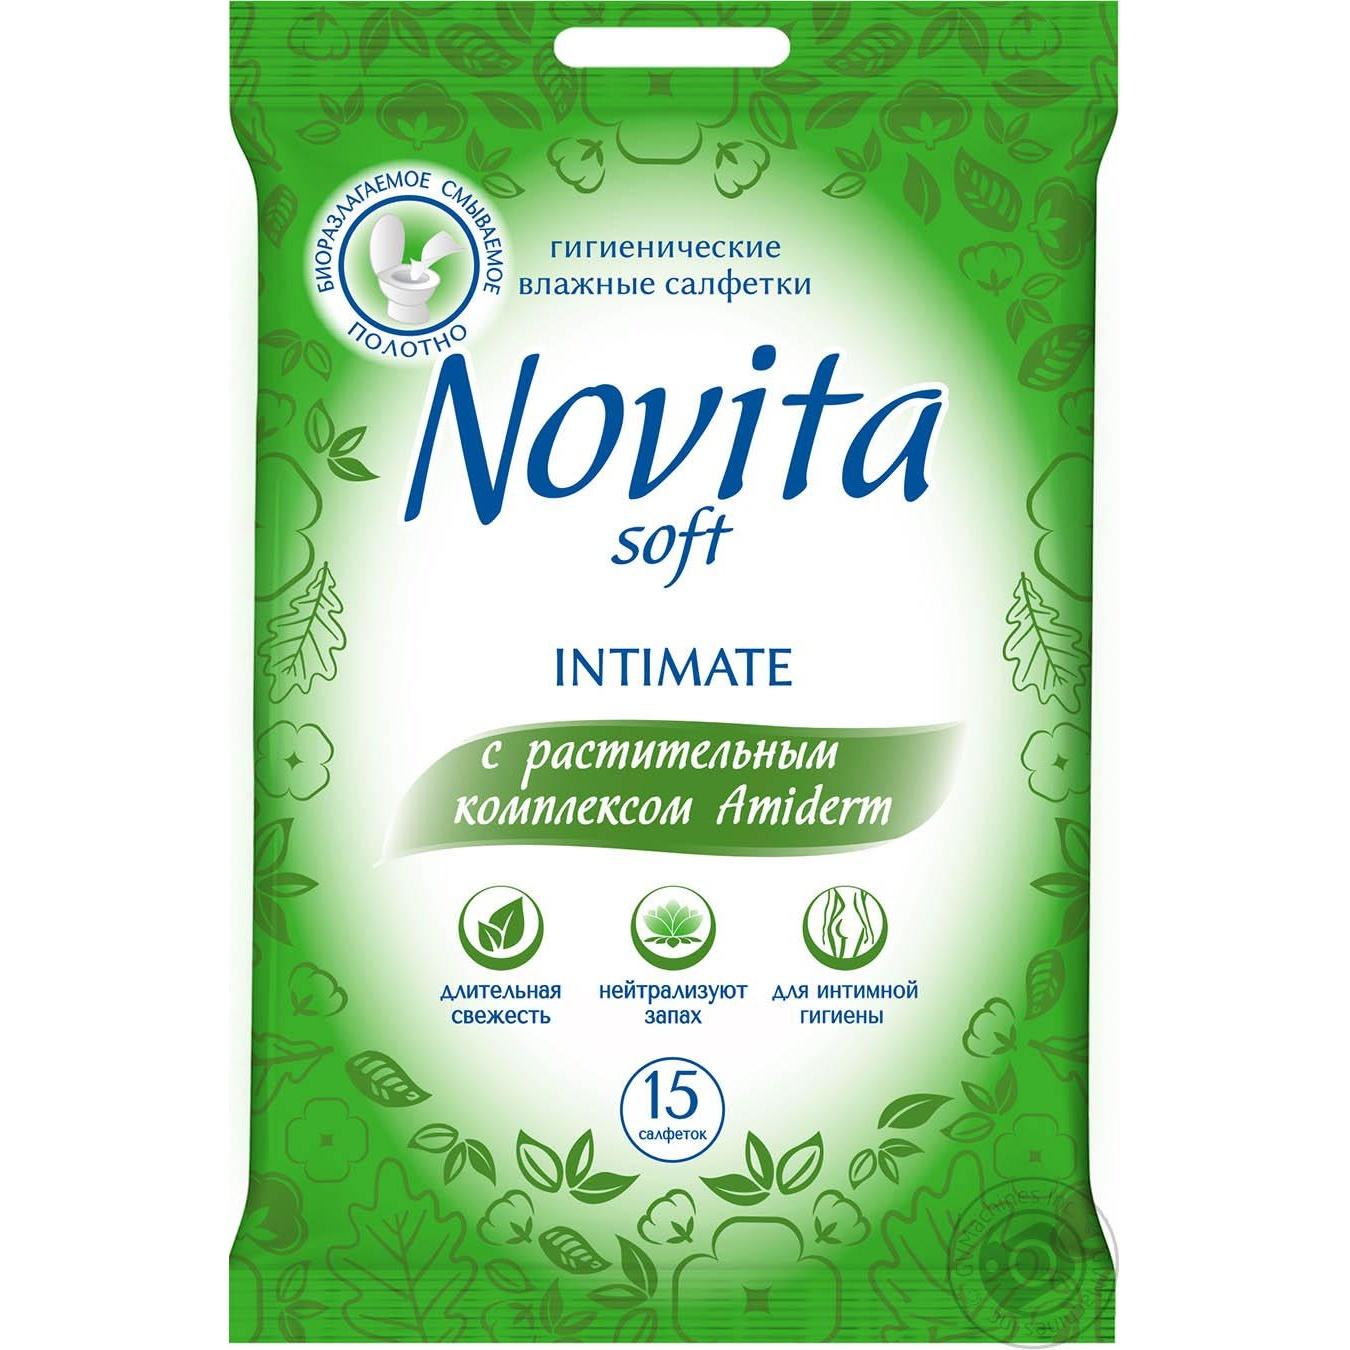 Купить Серветки Novita Soft Intimate вологі для інтимної гігієни з рослинним комплексом Amiderm 15шт